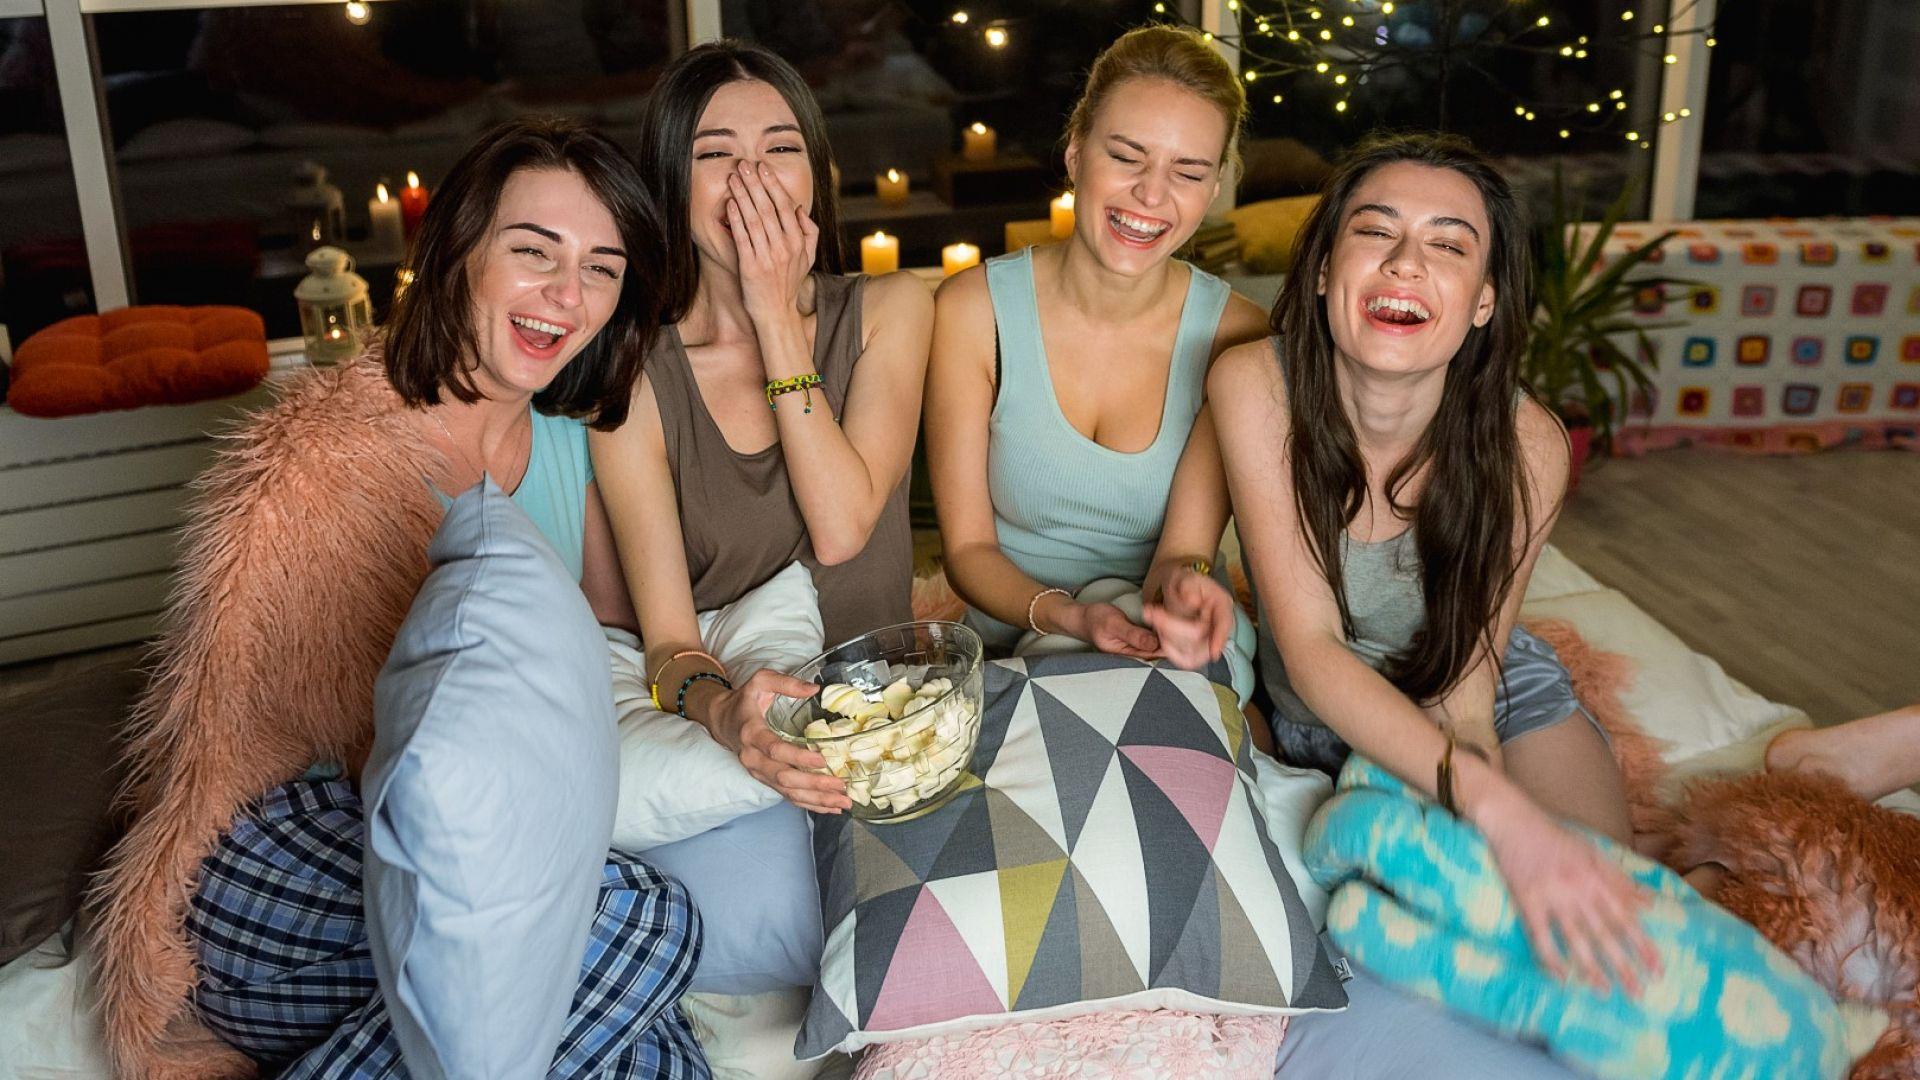 11 филма, които да гледаме с приятелки на чаша вино